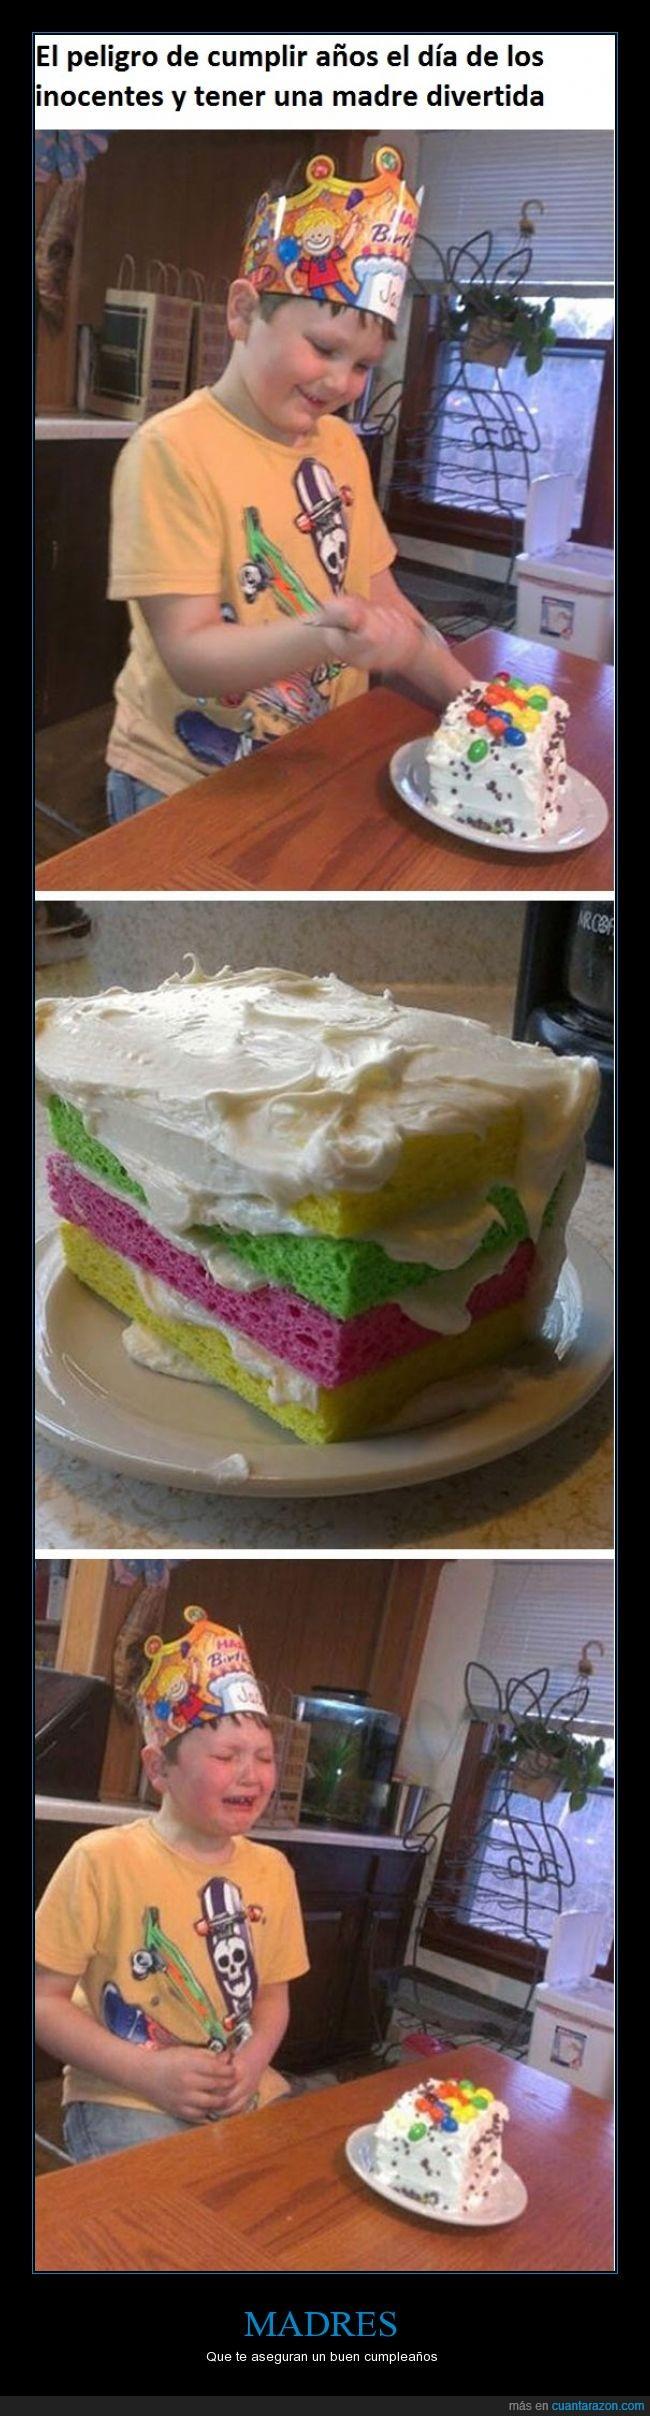 color,cumpleaños,delicia,esponjas,madre,niño,pastel,regalo,rico,tarta